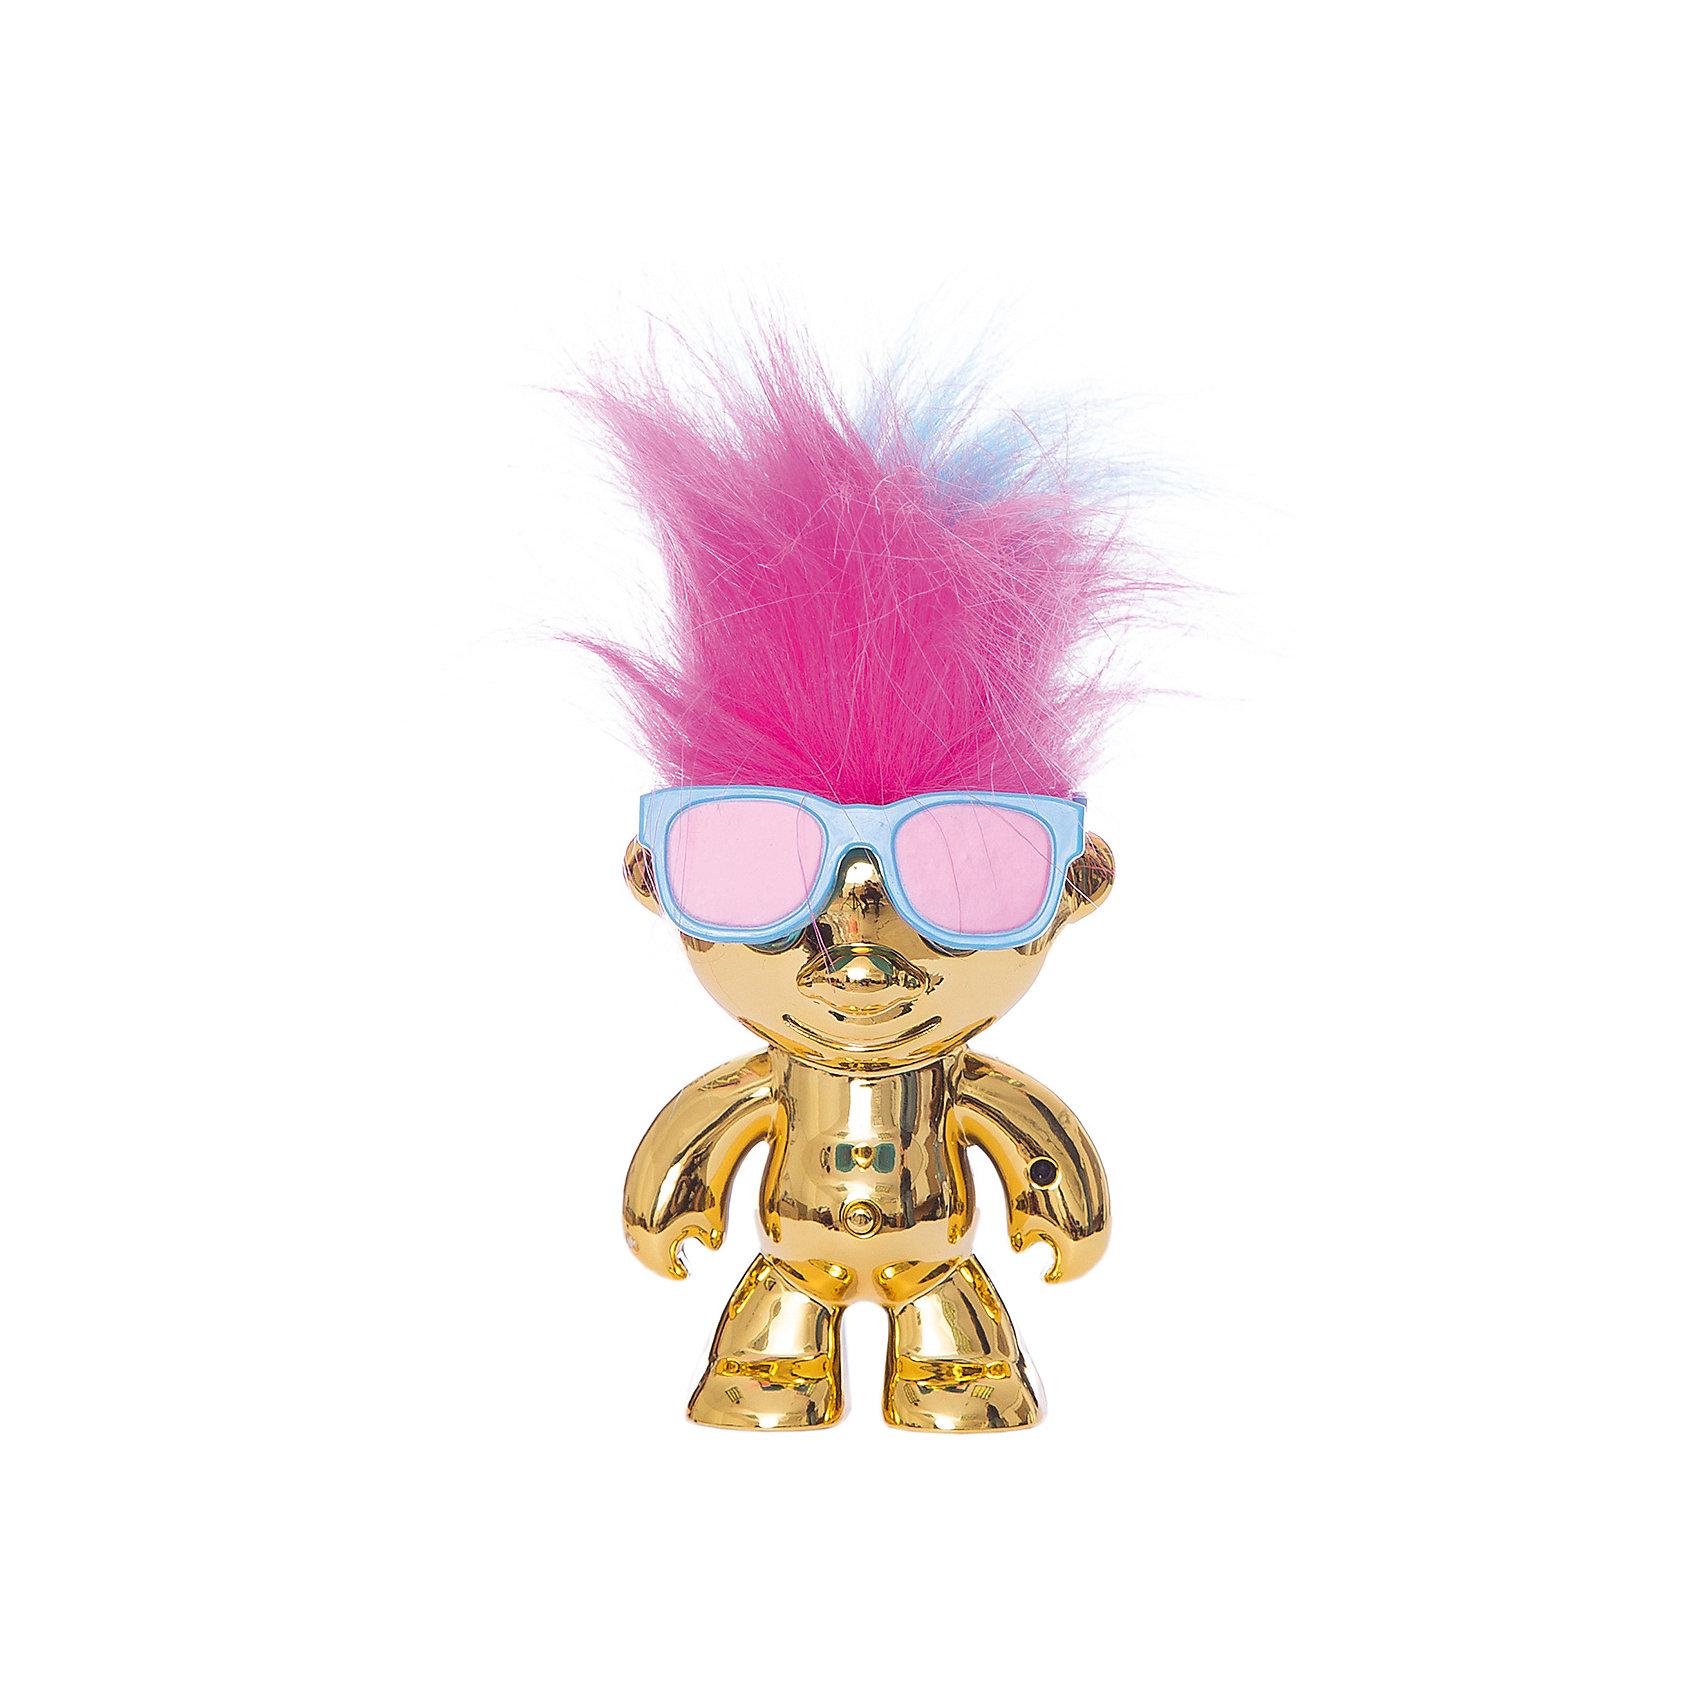 Электрокидс 1203, золотистый,  WowWeeЭта забавная игрушка понравится и взрослым, и детям! Веселый Электрокидс двигает волосами в такт музыке, которую ты слушаешь. Собери всех забавных  человечков и устрой настоящую вечеринку! Каждый Электрокидс  отличается цветом и движением волос. <br><br>Дополнительная информация:<br><br>- Материал: пластик.<br>- Размер: 8х11х23 см.<br>- Элемент питания: 4 батарейки LR-44 (в комплекте).<br>- Цвет: золотистый.  <br>- Комплектация: игрушка, батарейки, очки, скотч. <br><br>Электрокидса 1203, золотистого,  WowWee можно купить в нашем магазине.<br><br>Ширина мм: 80<br>Глубина мм: 110<br>Высота мм: 230<br>Вес г: 250<br>Возраст от месяцев: 72<br>Возраст до месяцев: 144<br>Пол: Мужской<br>Возраст: Детский<br>SKU: 4018271